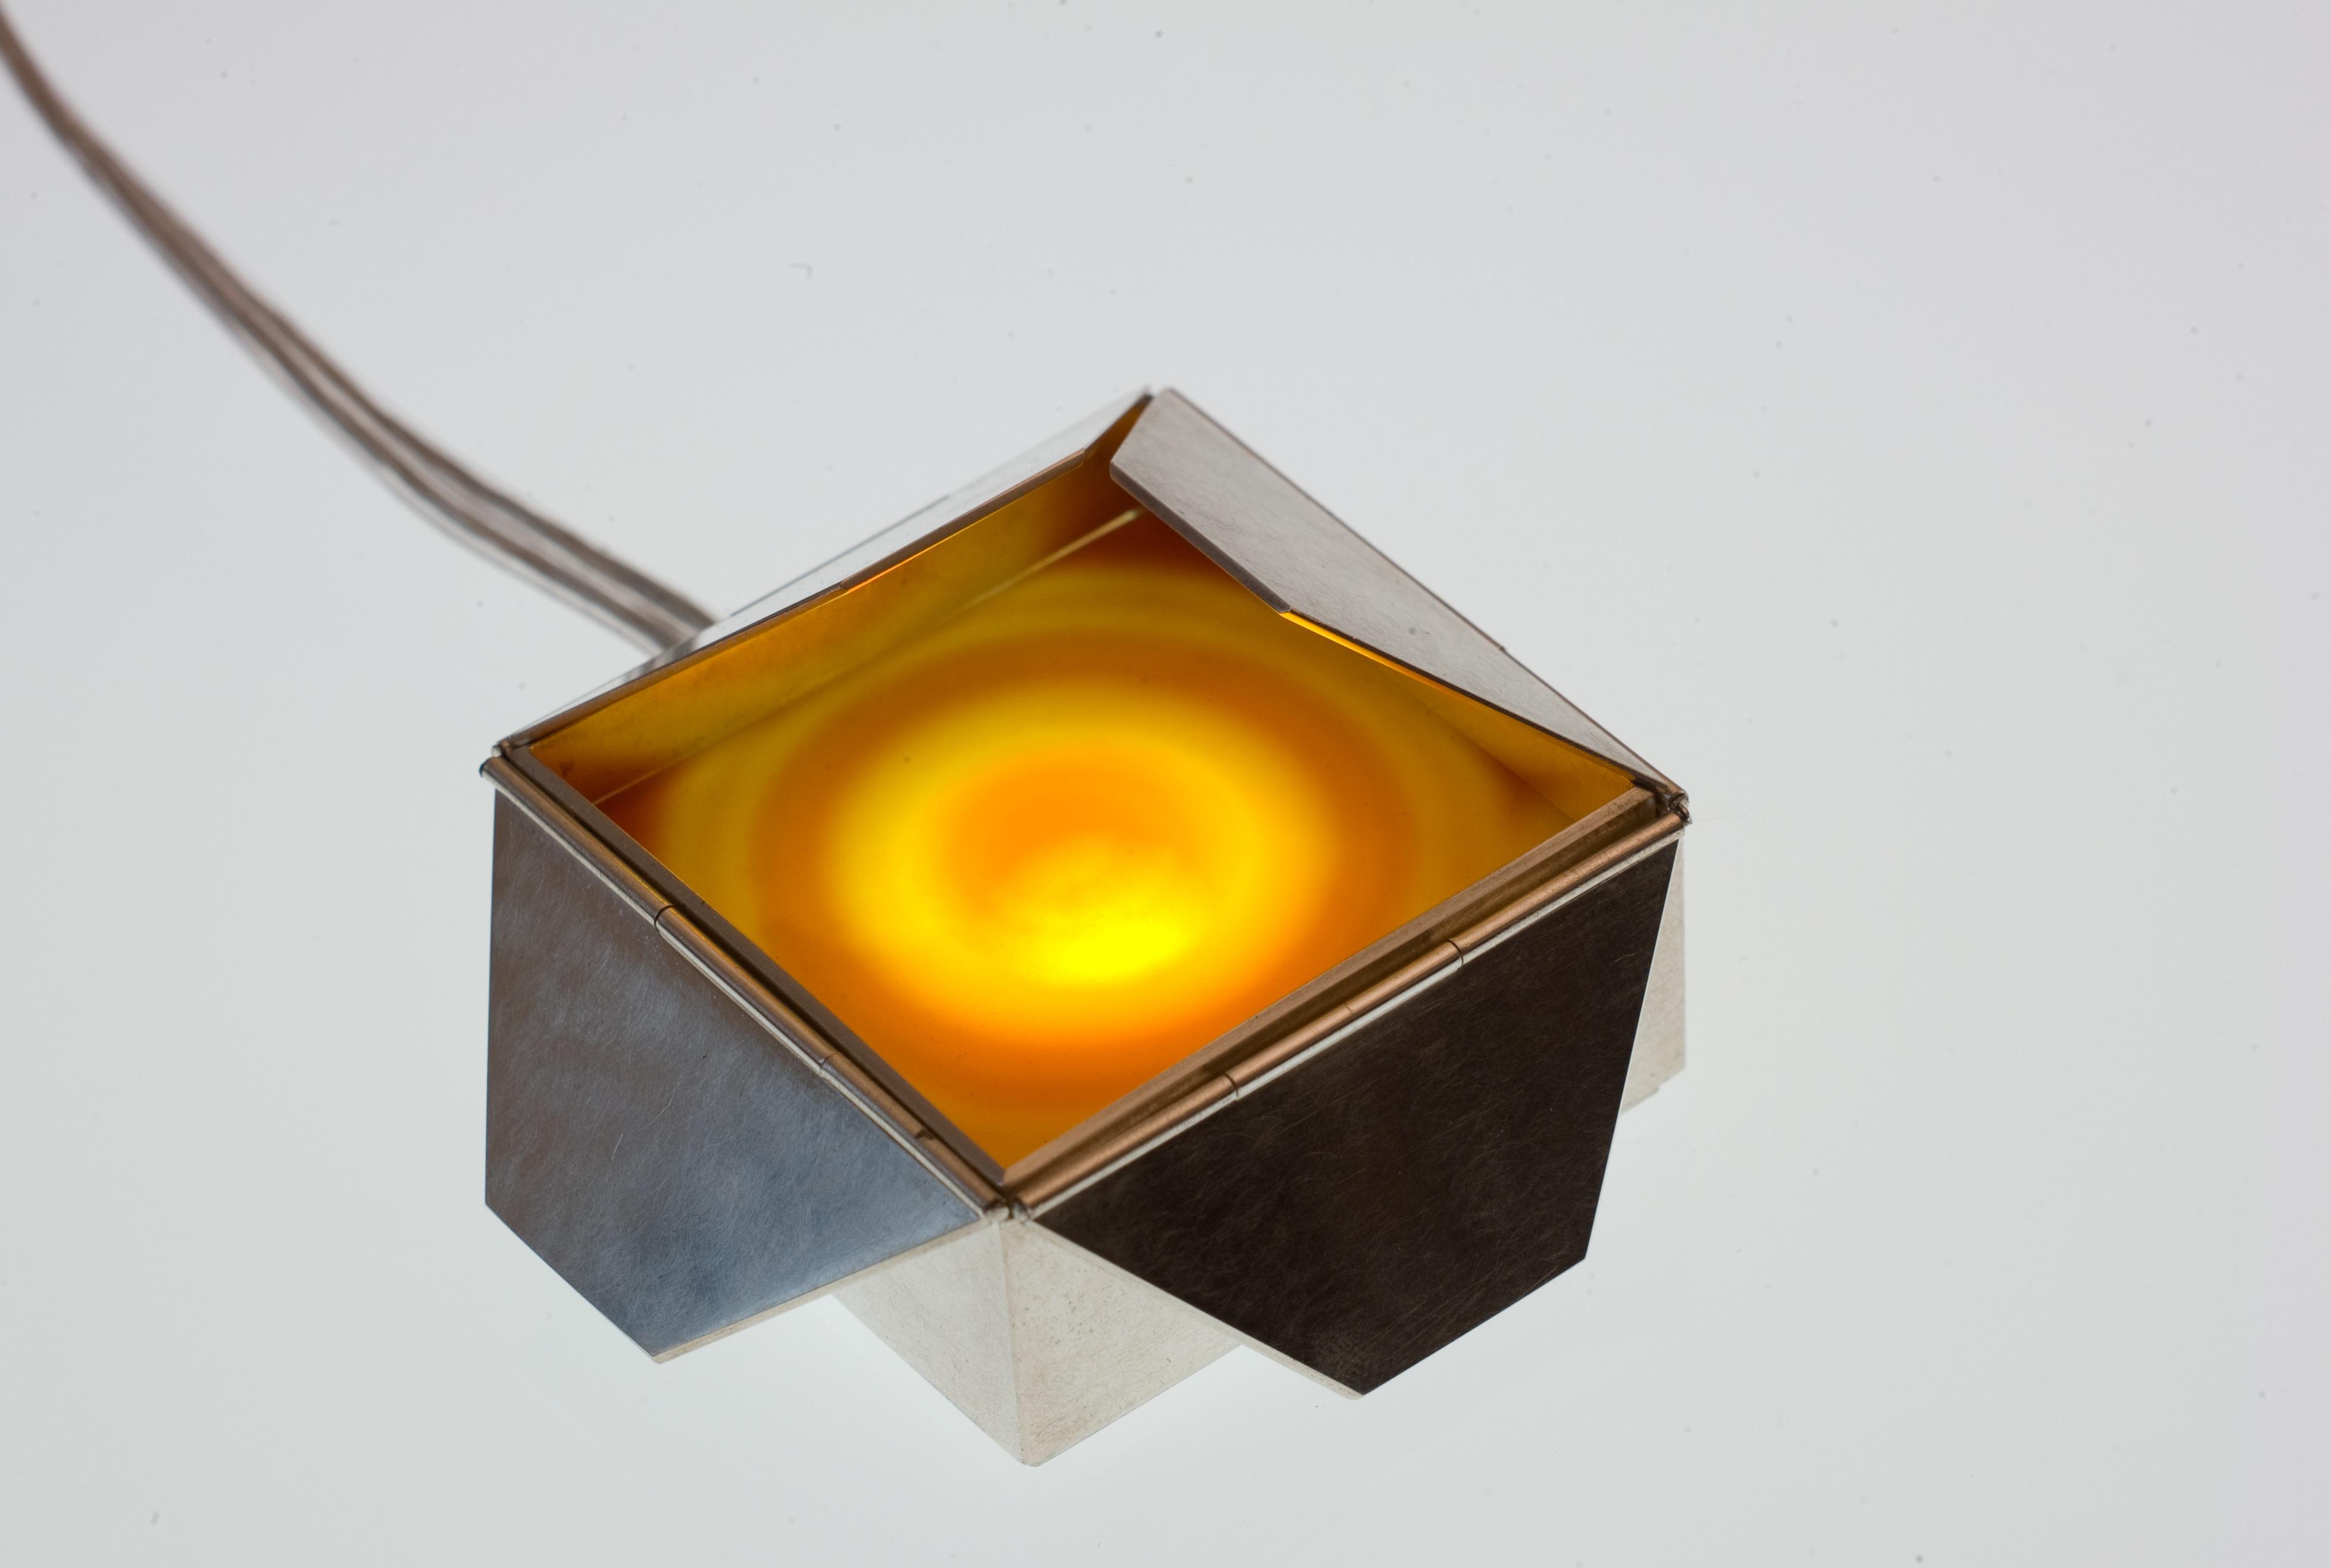 Schmucklicht 'Schachtel', Achatscheibe, Silber 925 geschwärzt, LED – Bild 2